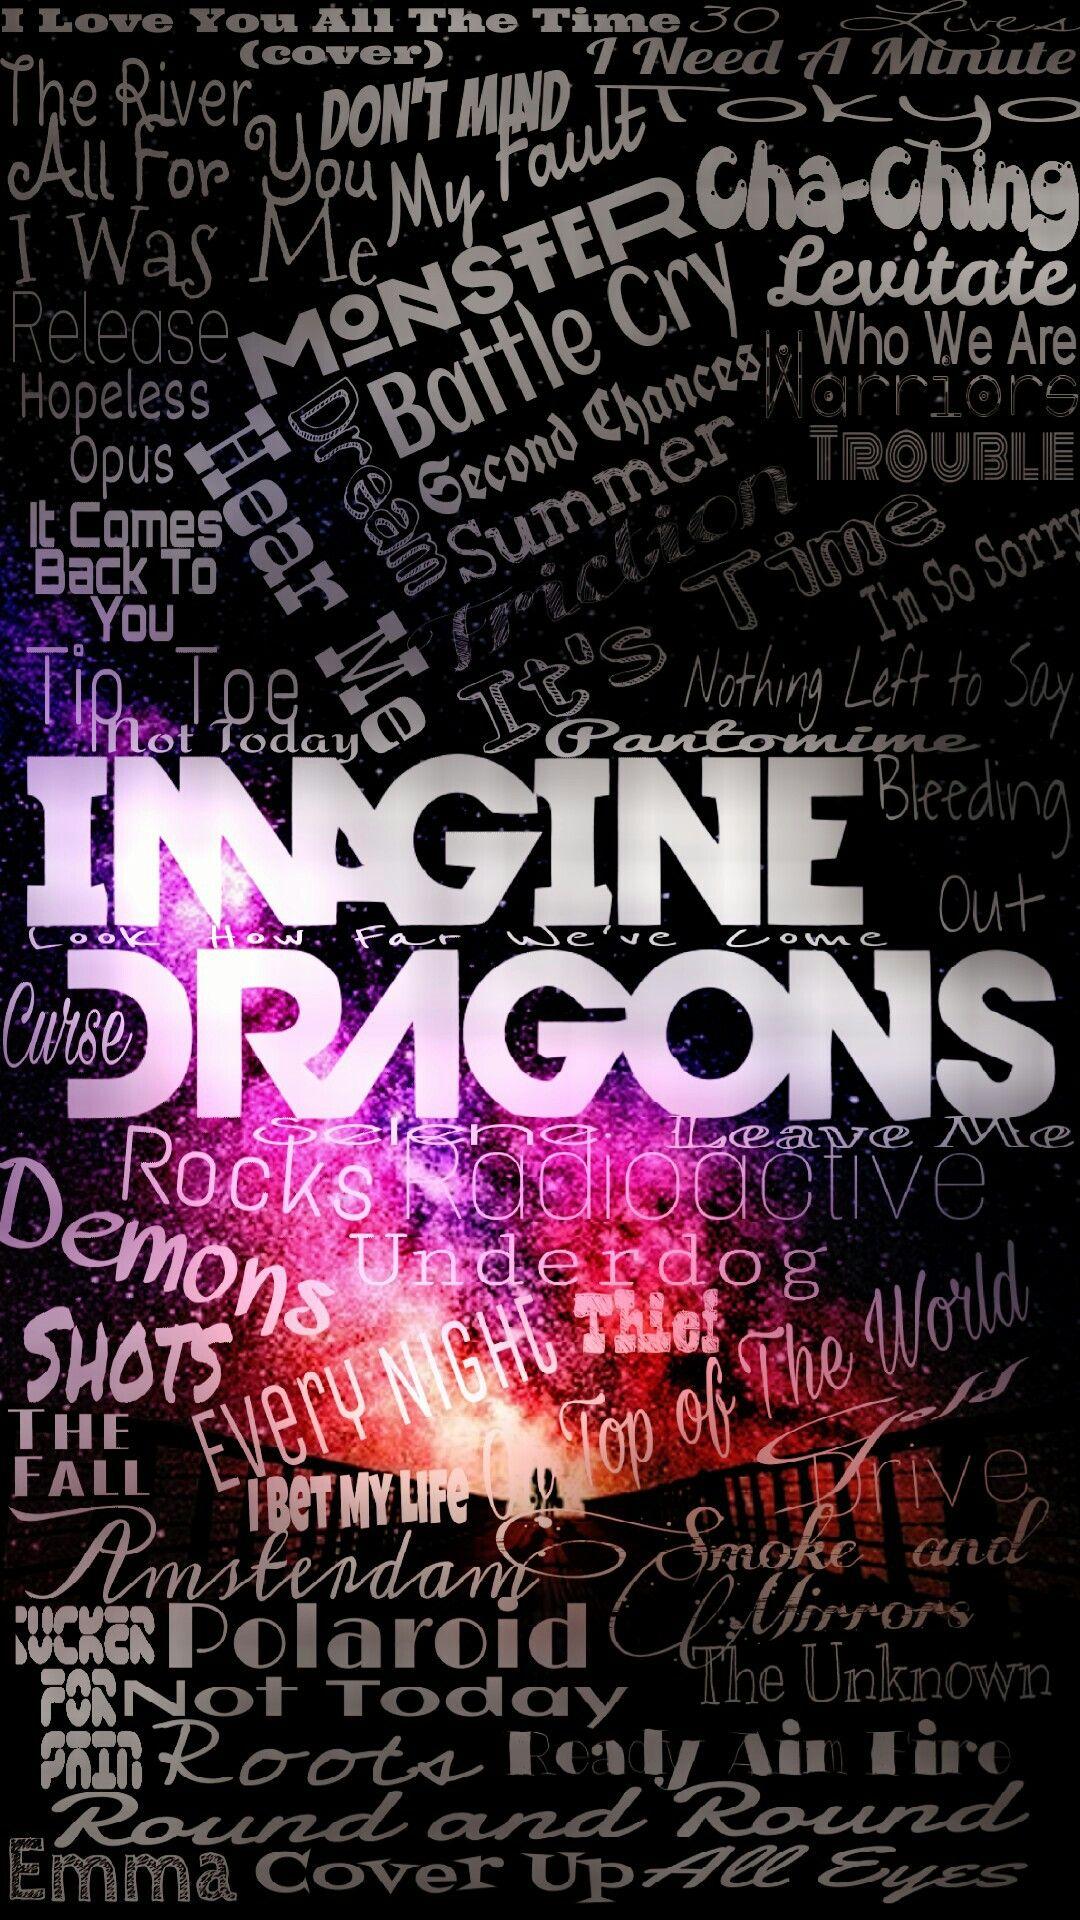 imagine dragons wallpaper random pinterest imagine